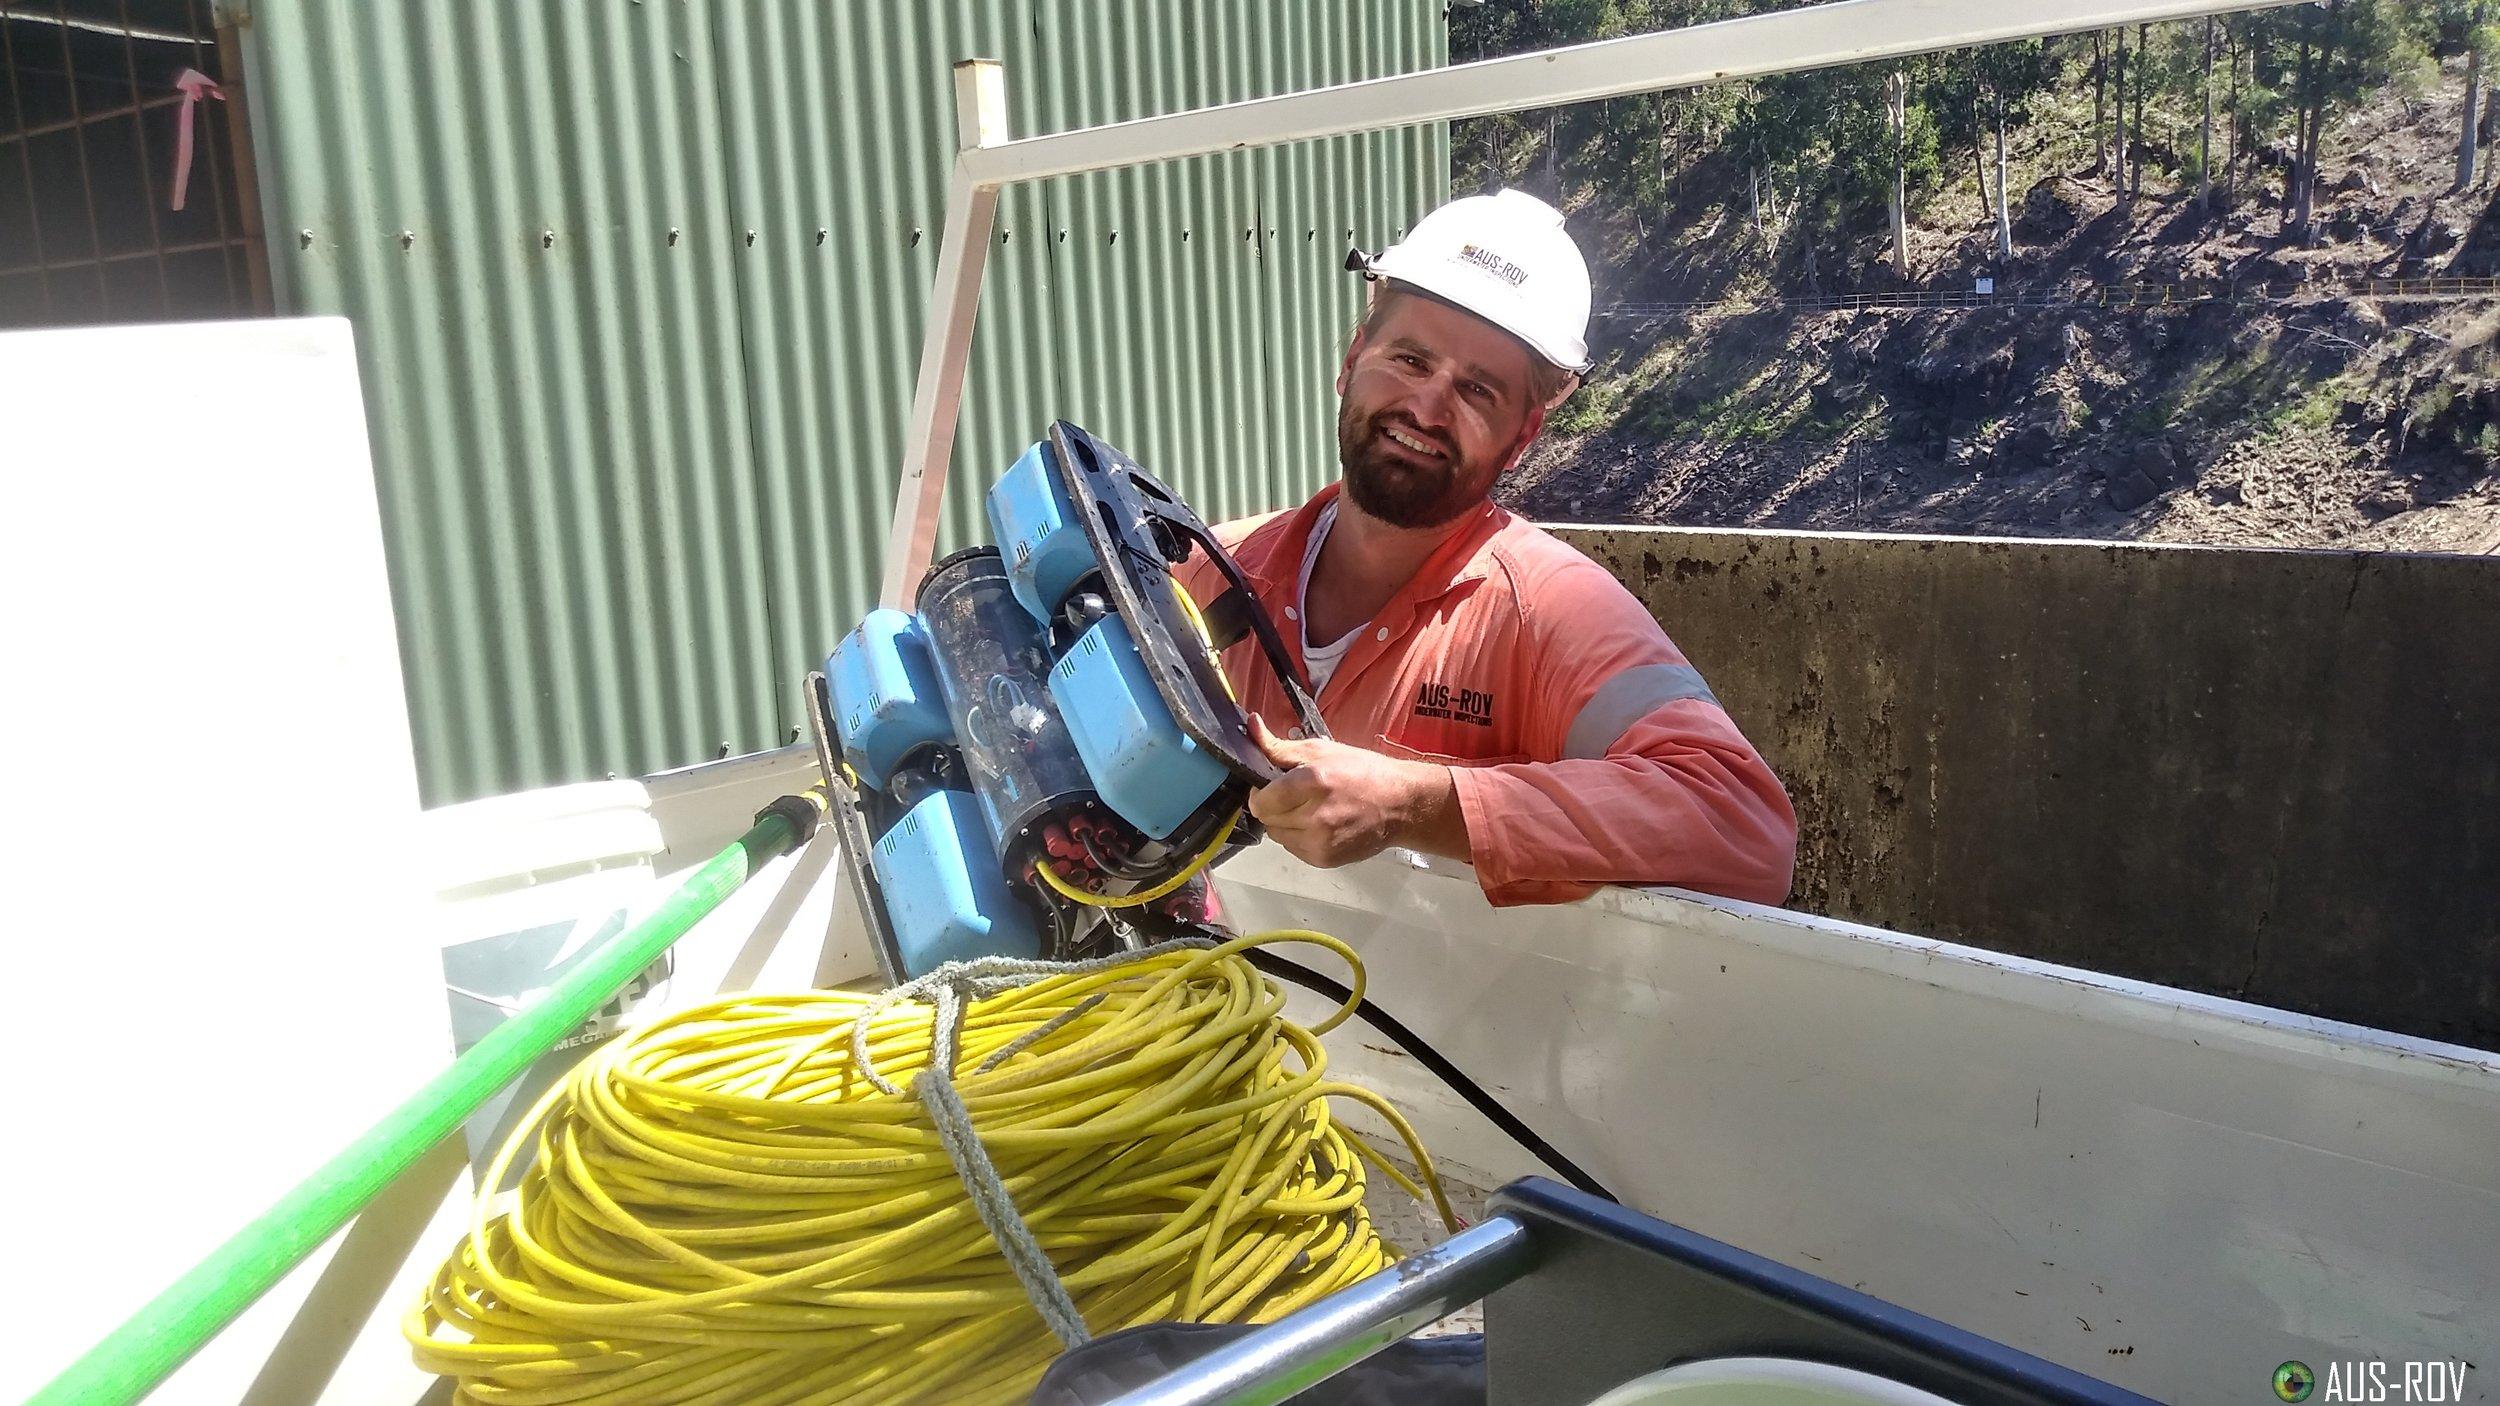 AGL Energy AUS-ROV ausrov underwater inspections ROV Retrieval